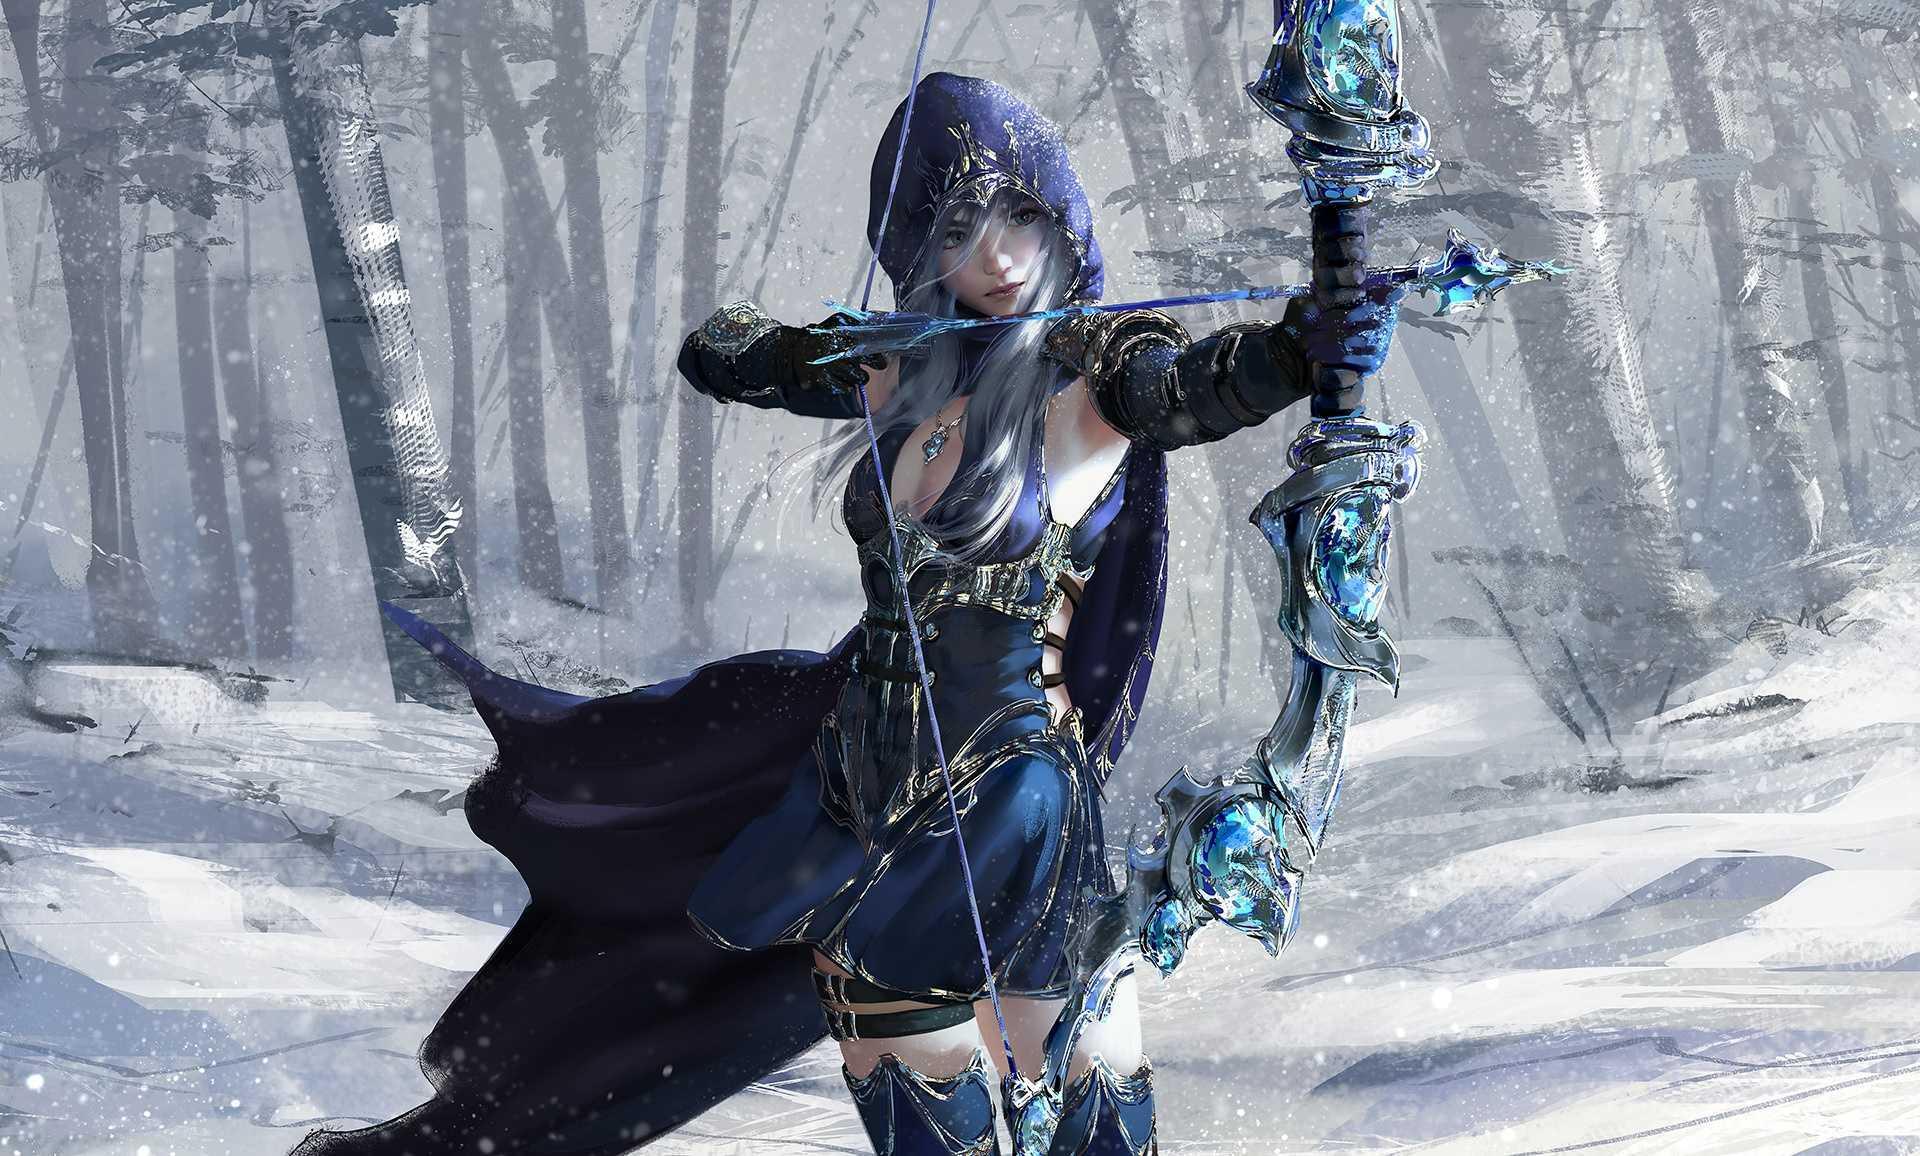 Winter League Of Legends Bowashe Archer Wallpaper Girl